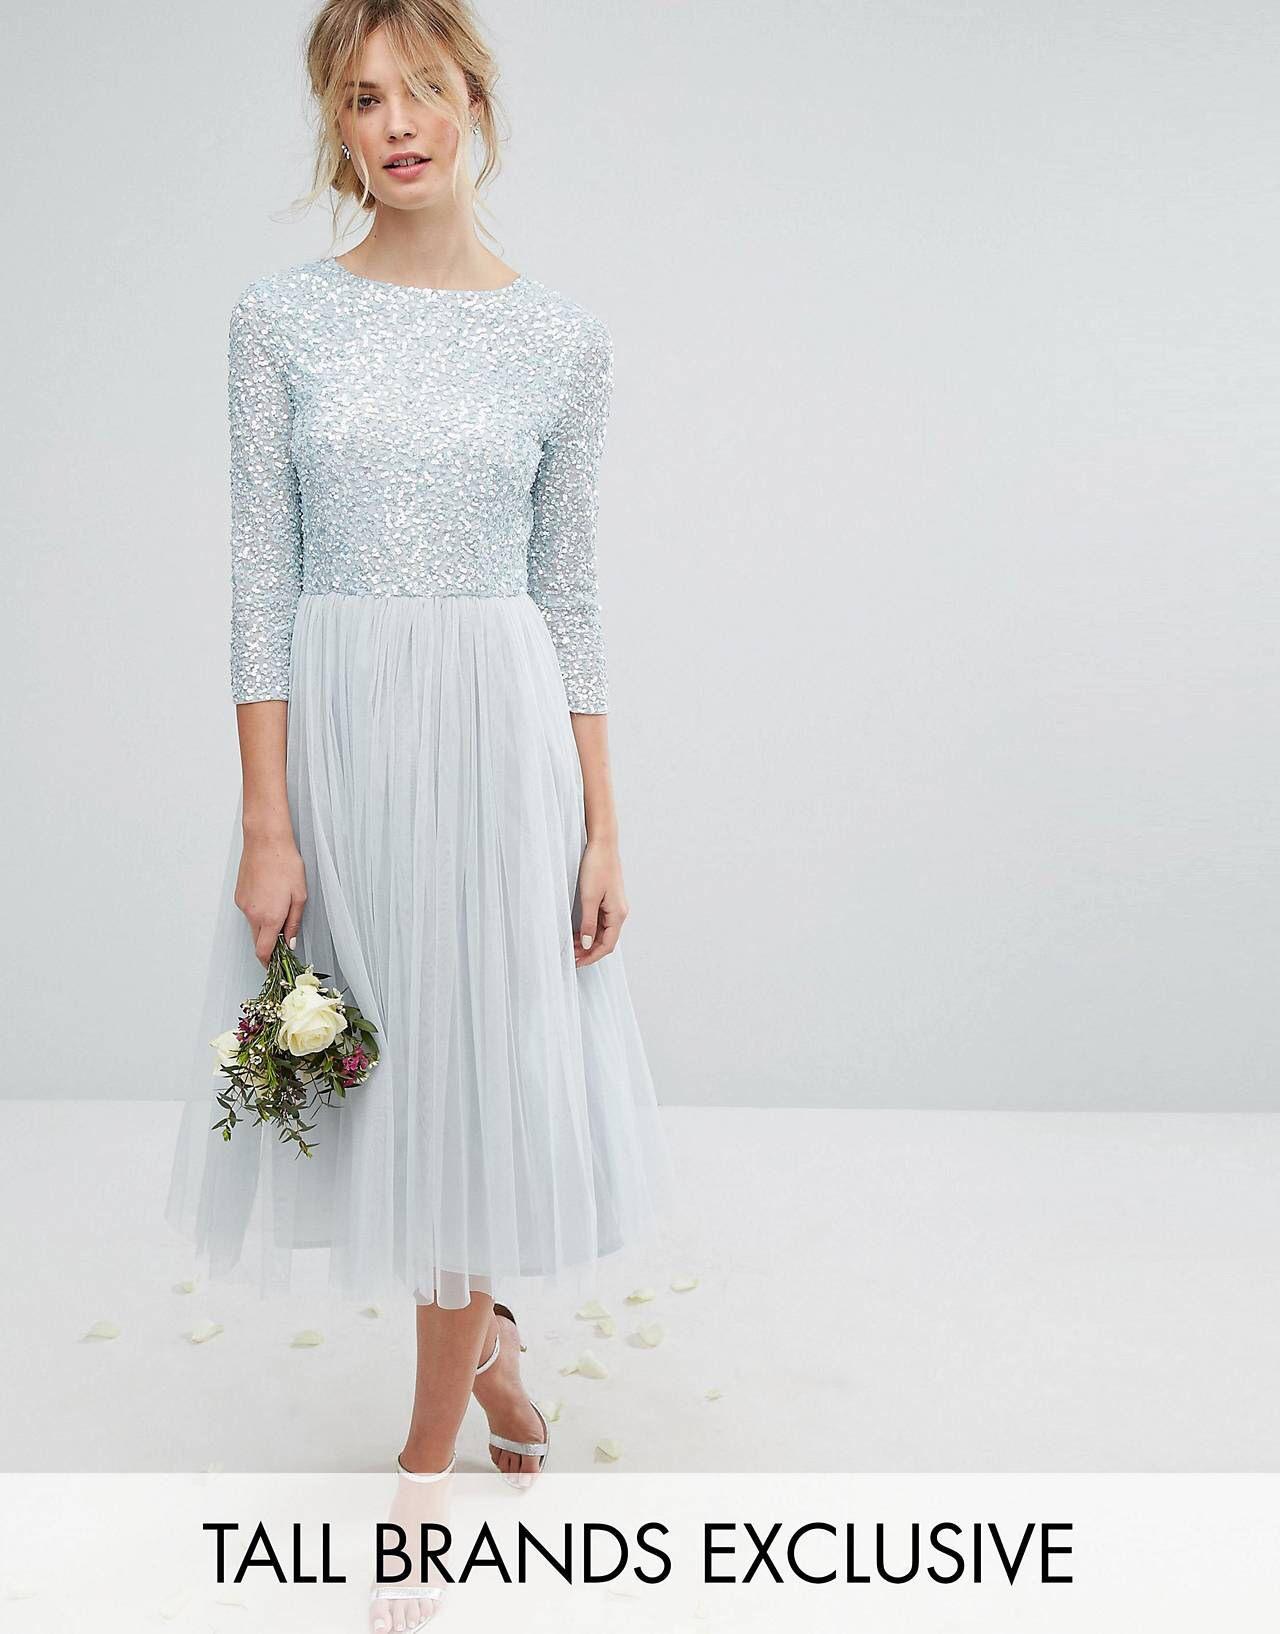 Megateile Von Asos  Asos Kleider Hochzeit Kleidung